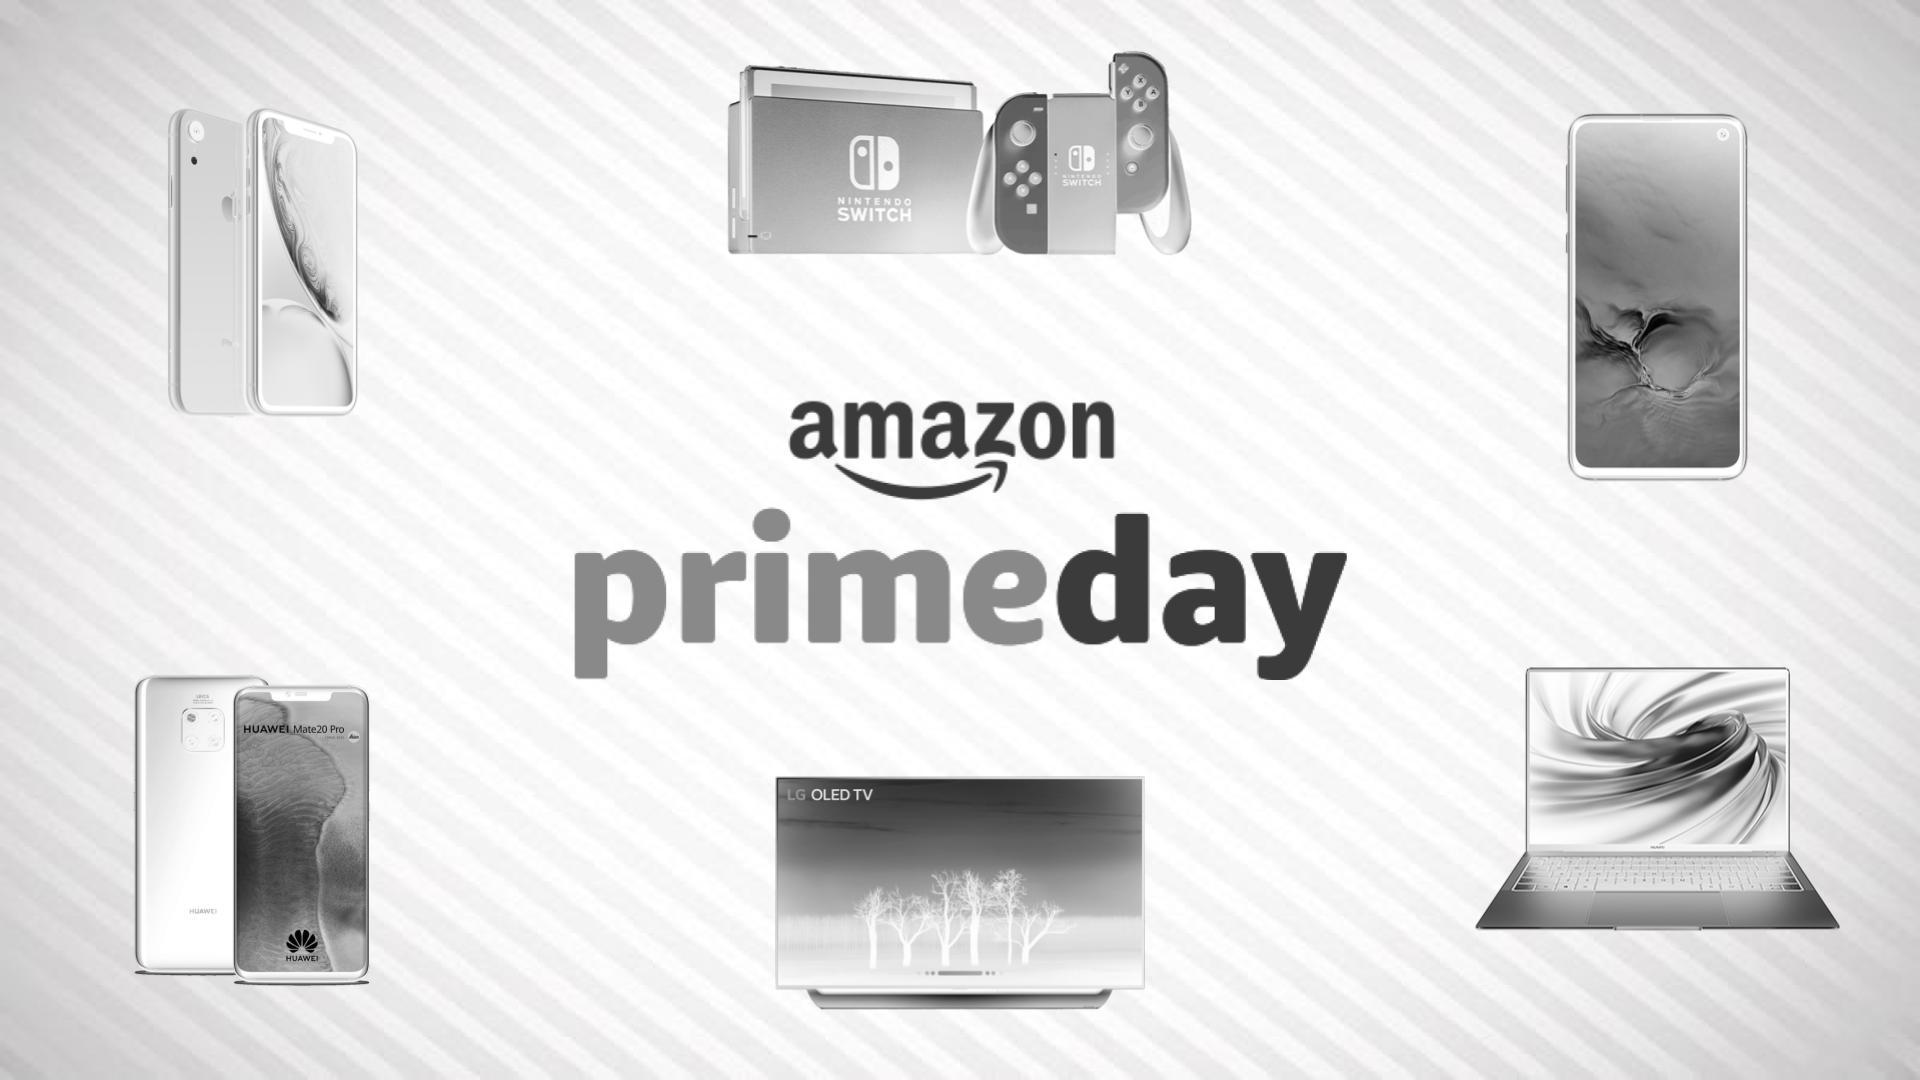 40ab008465e43 Les Amazon Prime Day sont l'occasion de faire des bonnes affaires, nous  avons donc épluché donc l'ensemble des offres pour vous sélectionner les  vrais bons ...